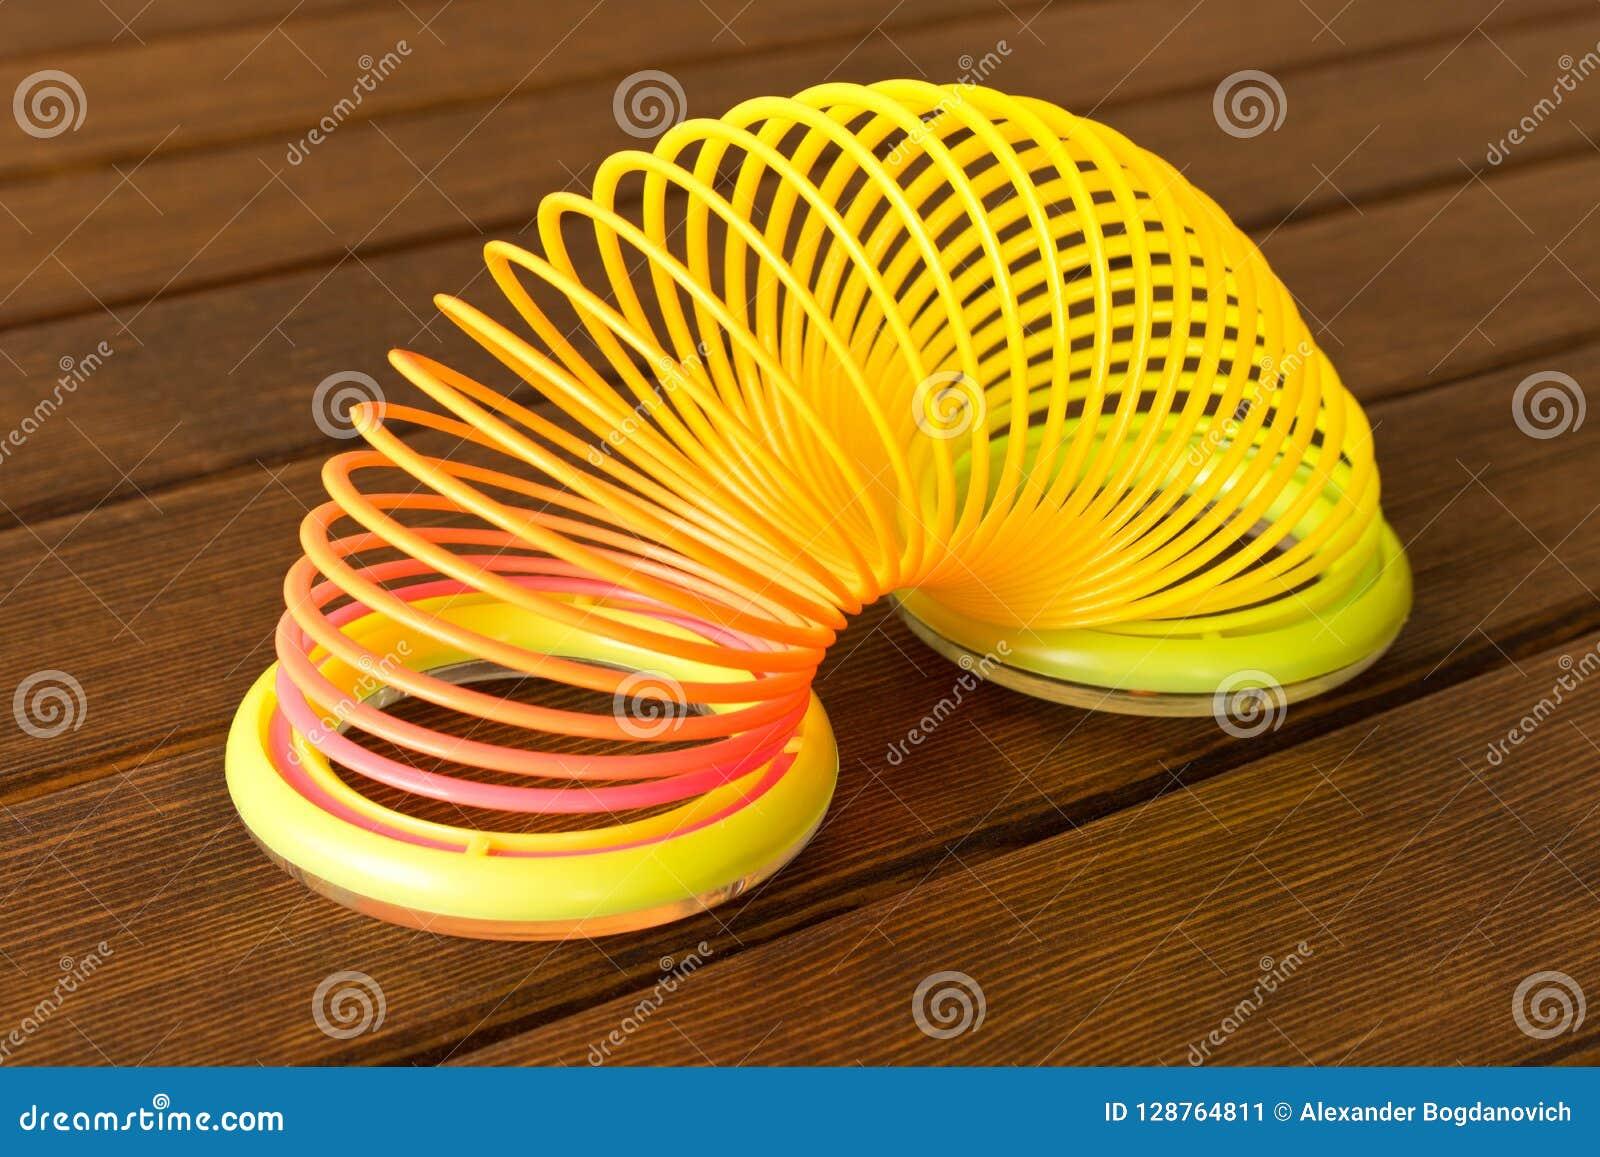 Πλαστικό ουράνιο τόξο παιχνιδιών σε έναν ξύλινο πίνακα Πολύχρωμη σπείρα για